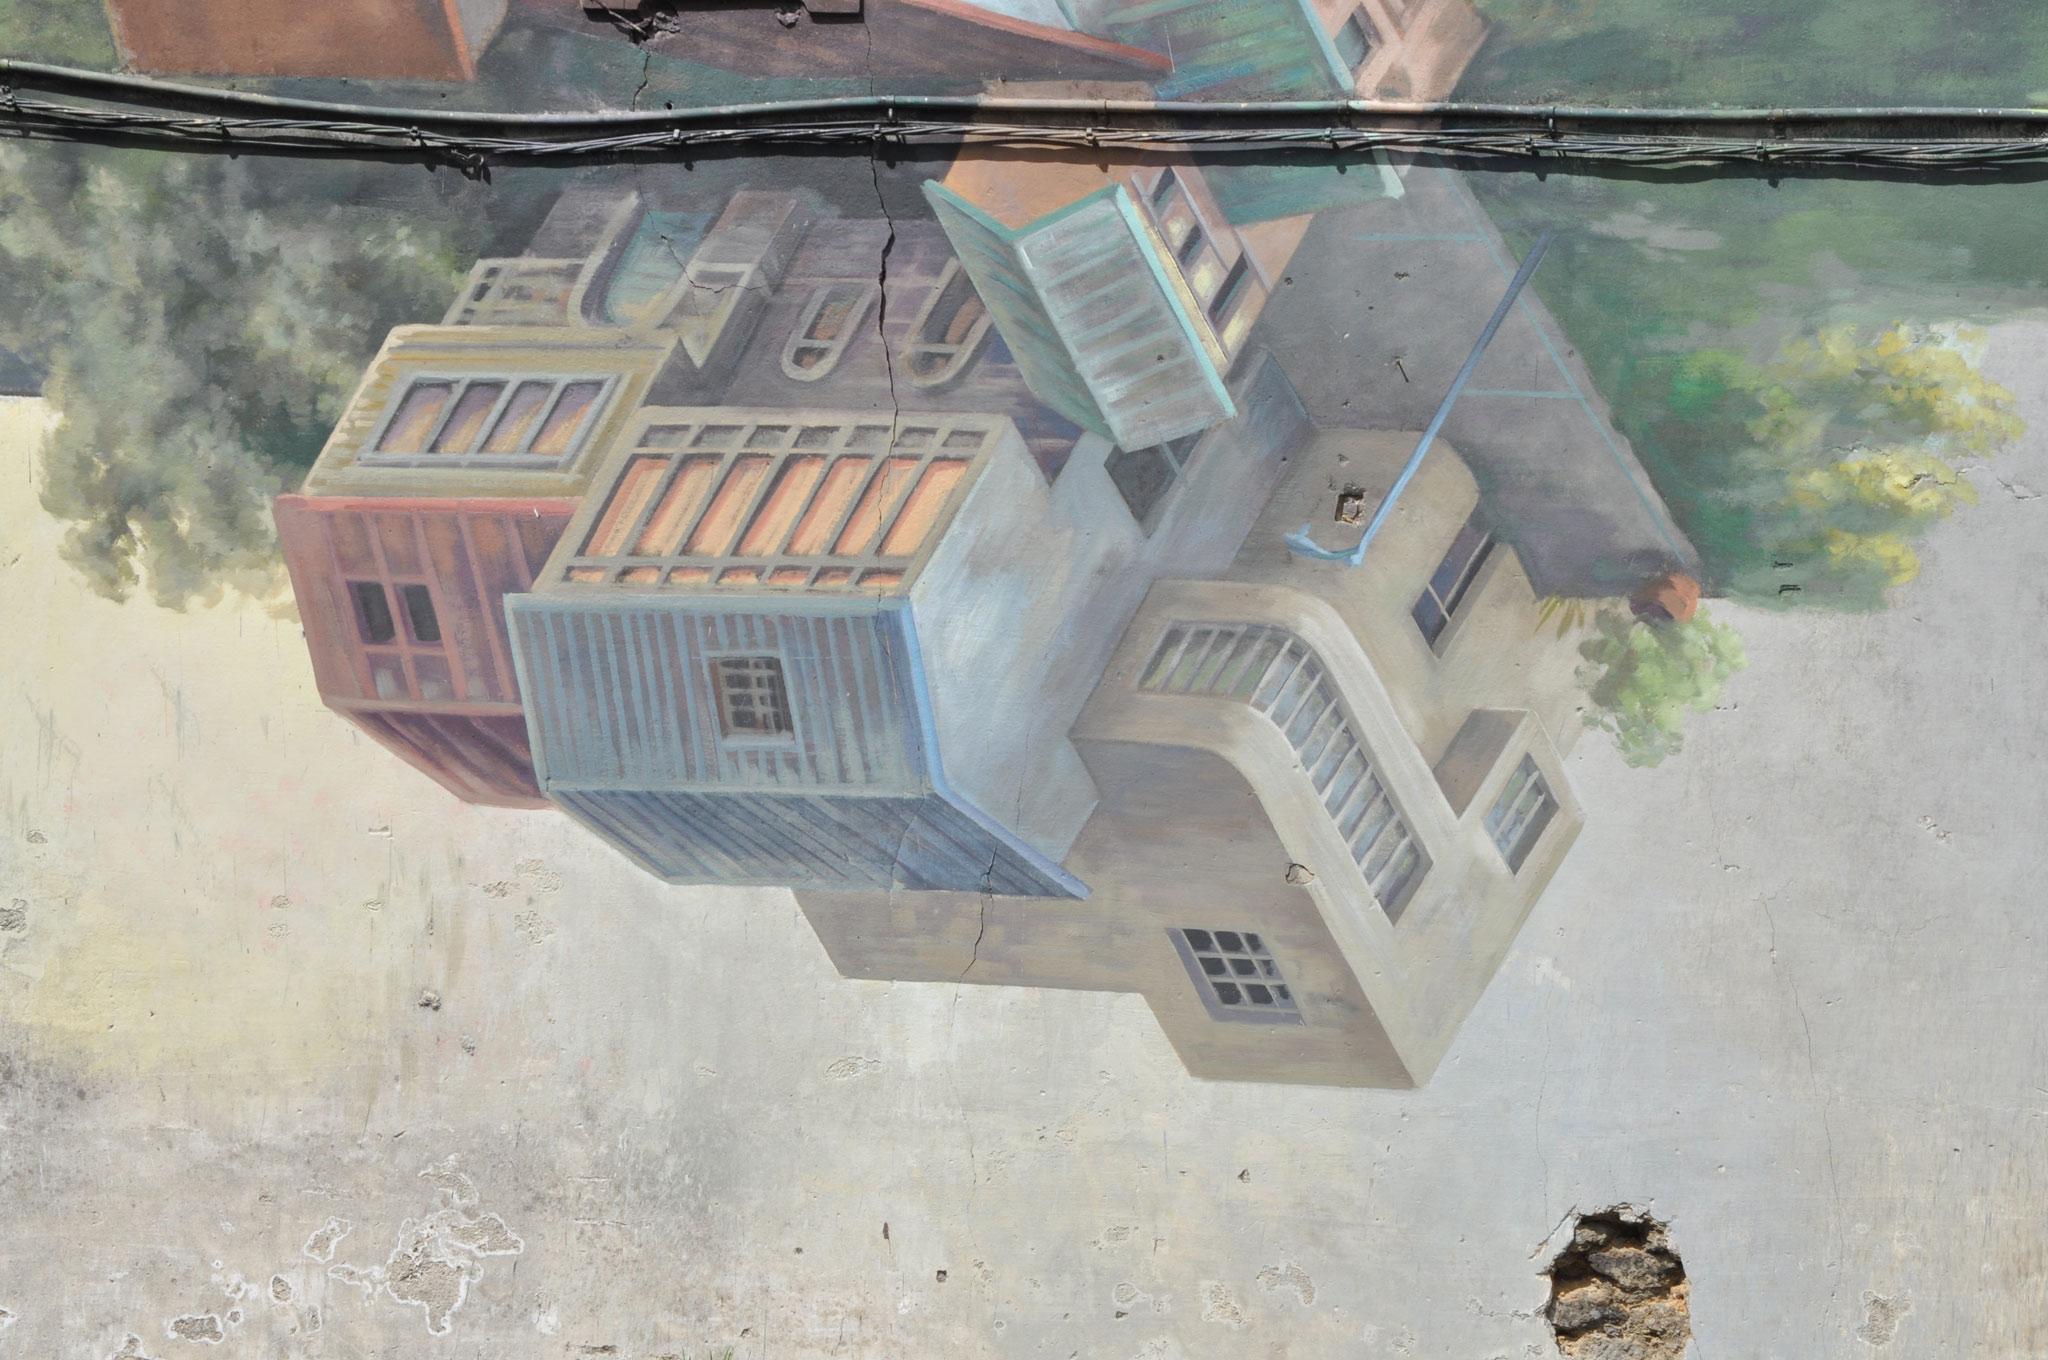 Foto principal mural Costa da morte